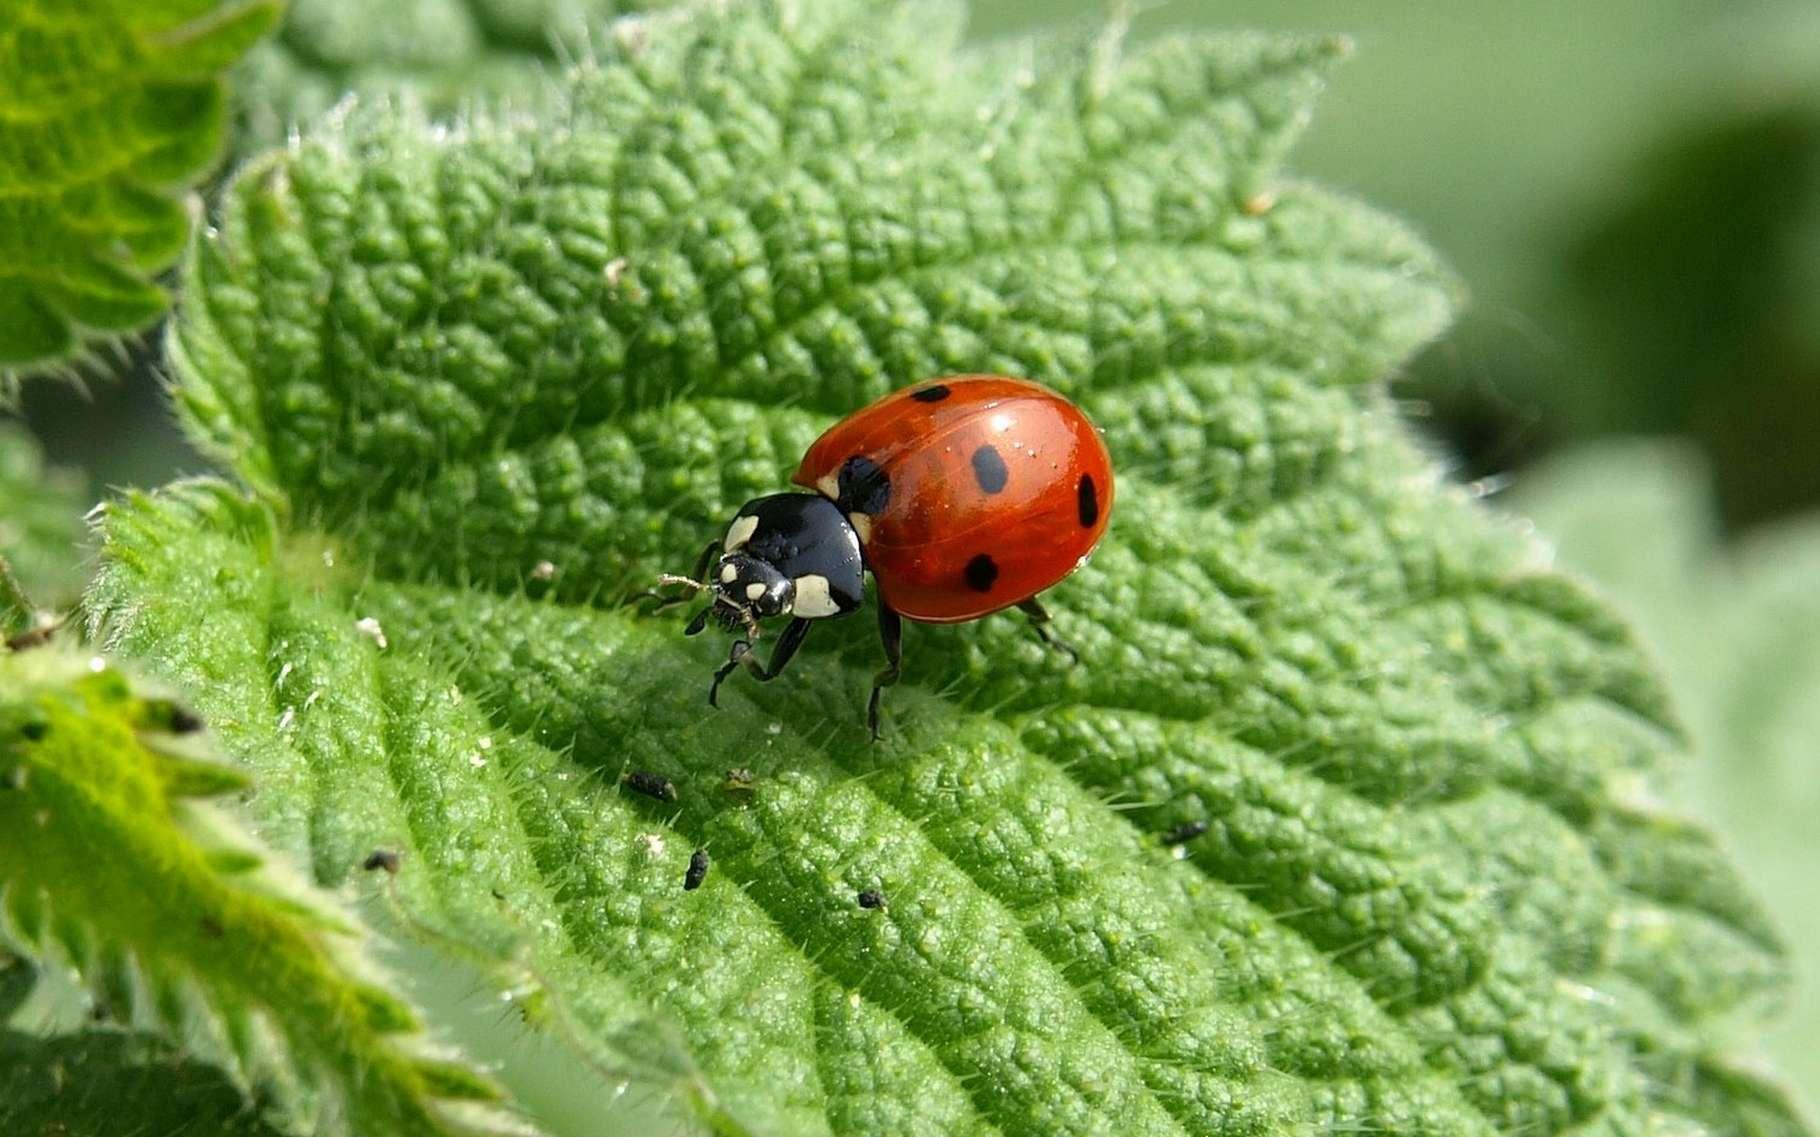 La coccinelle est un excellent ami pour la protection des plantes. © Ariessa 66, Pixabay, DP